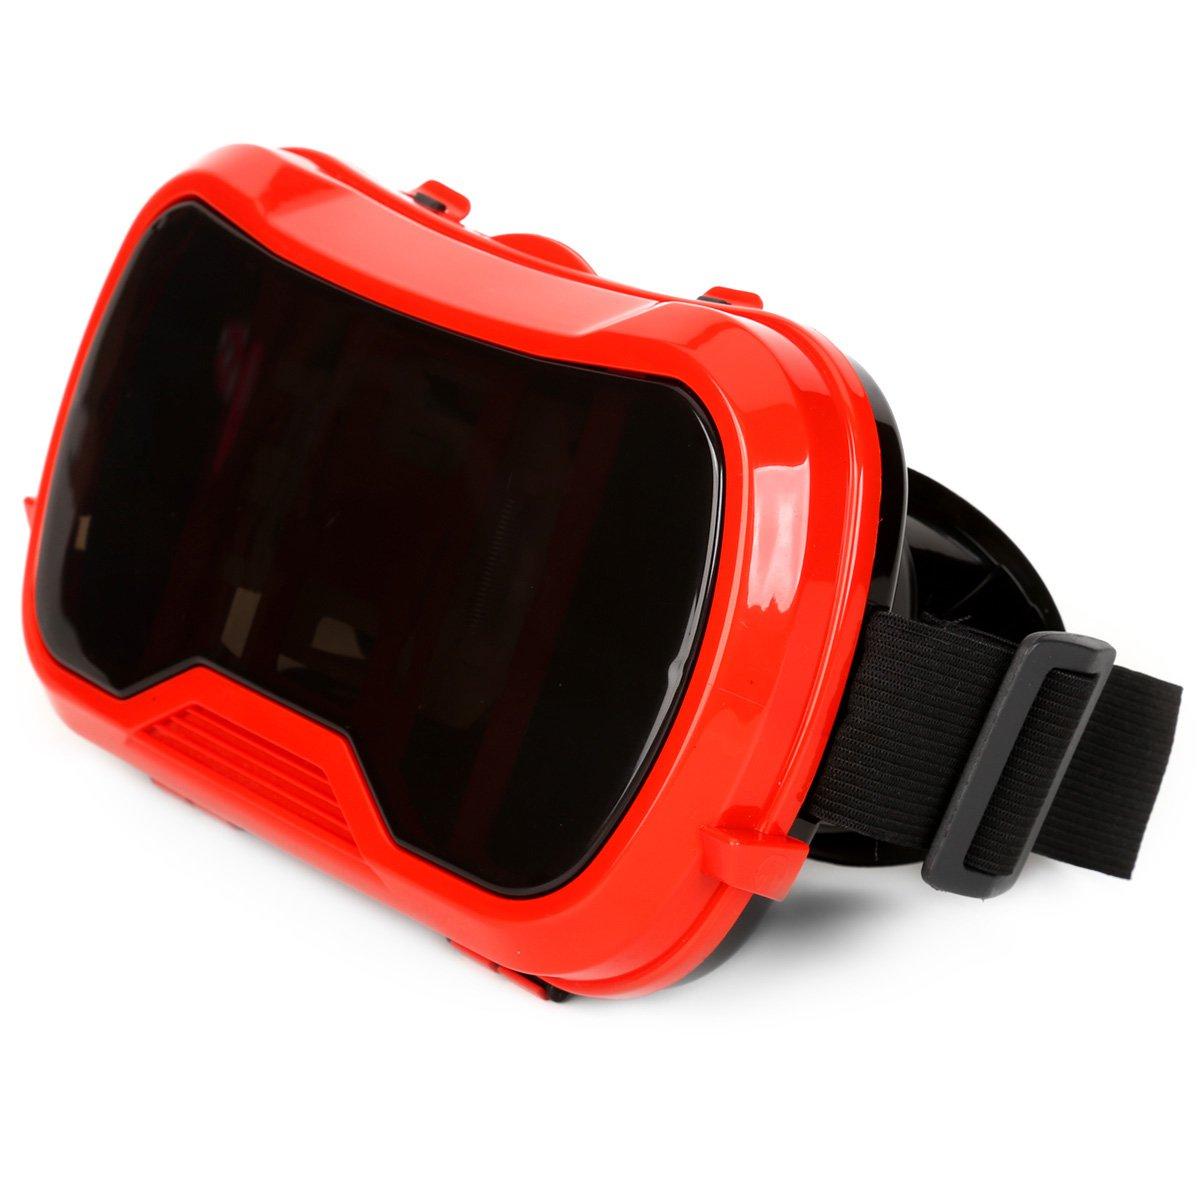 Óculos Immersive de Realidade Virtual - Compre Agora   Netshoes 625b11301e